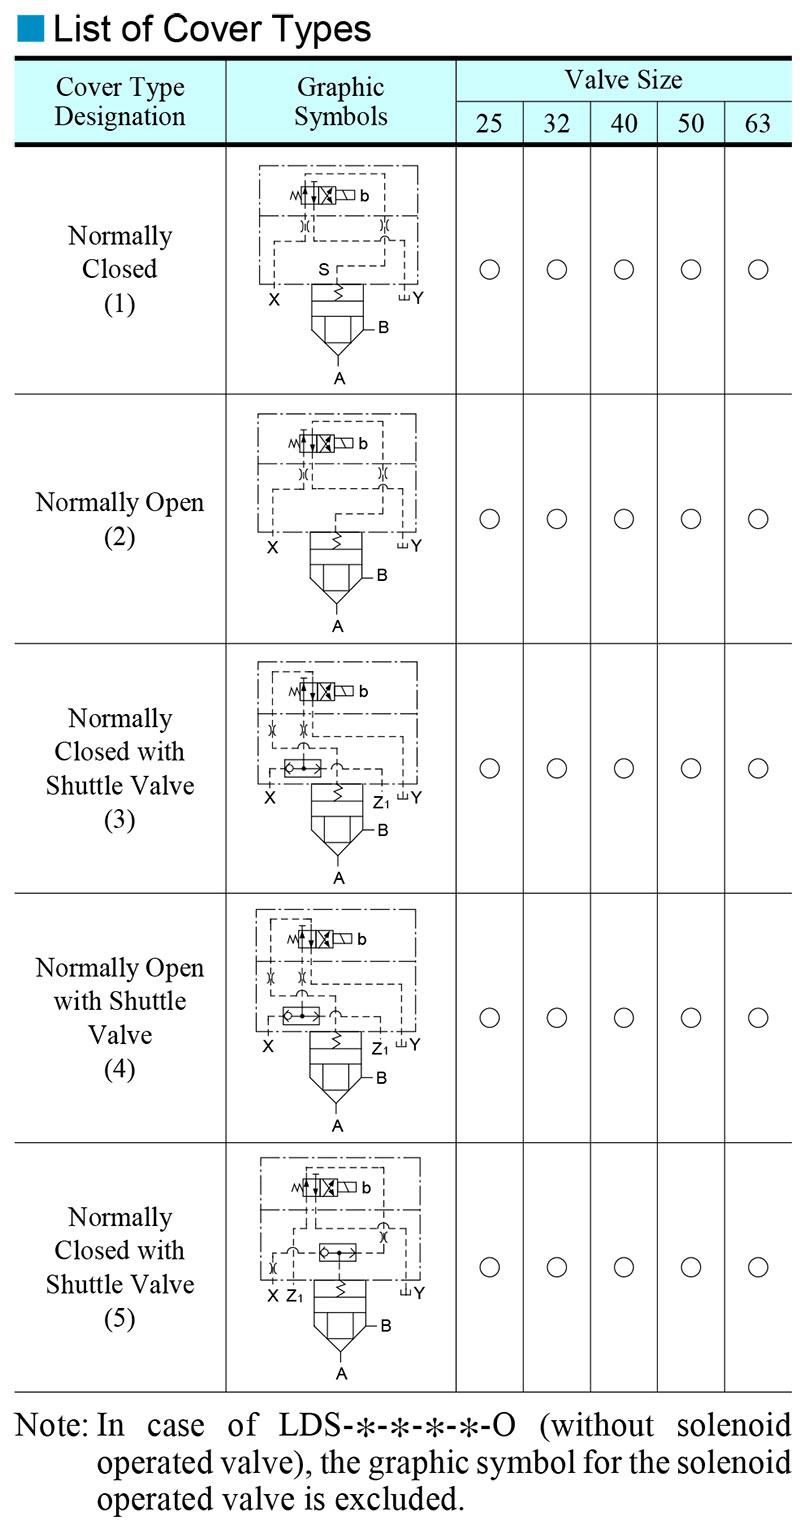 bảng các loại van phụ điều khiển yuci yuken lds